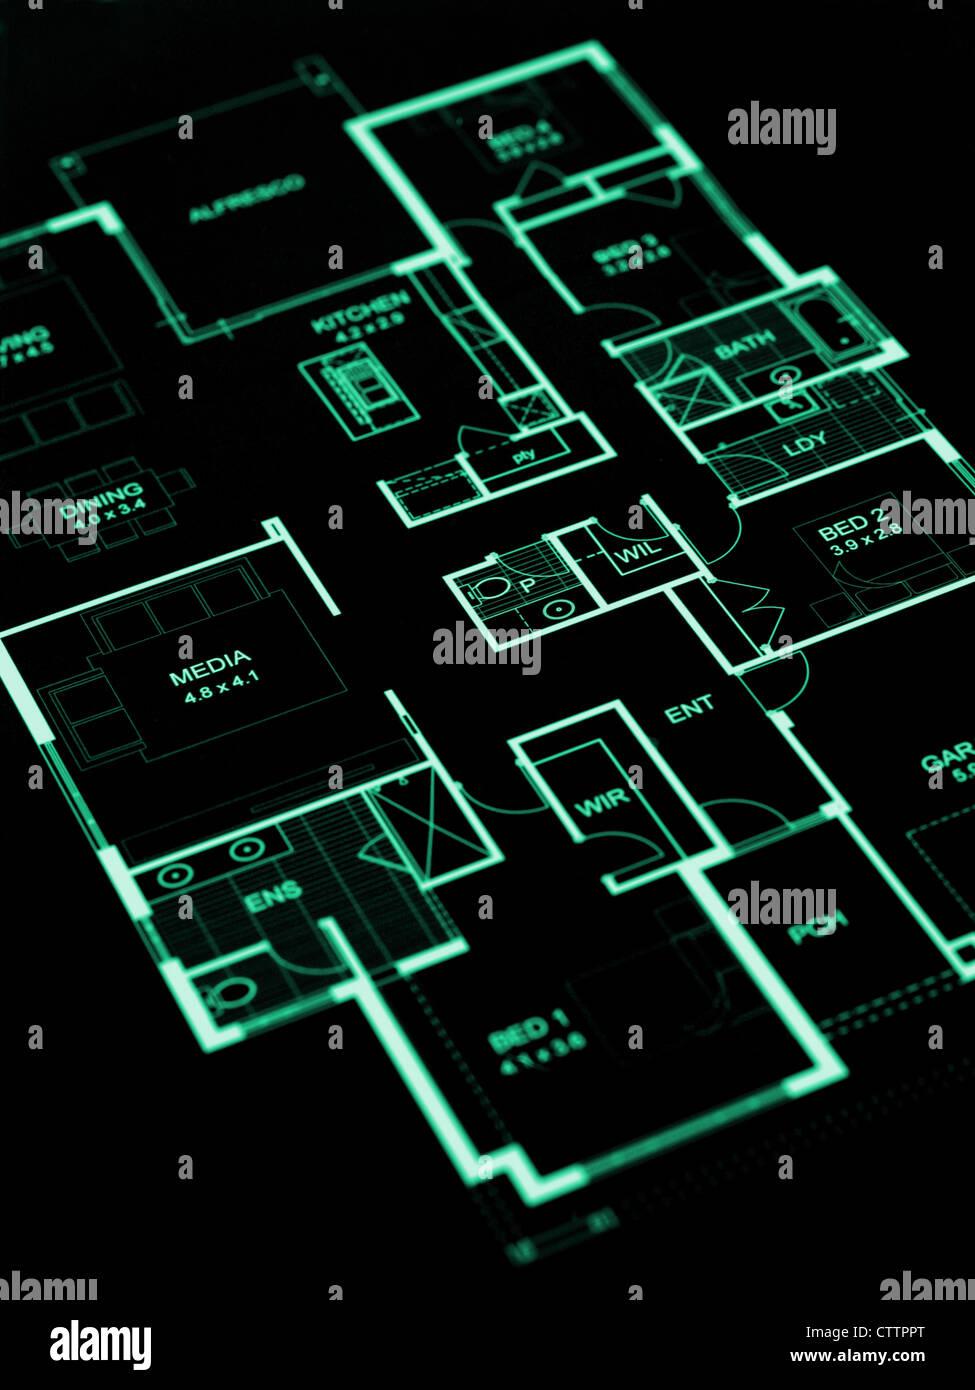 Los planes de la casa aislada sobre un fondo blanco. Imagen De Stock